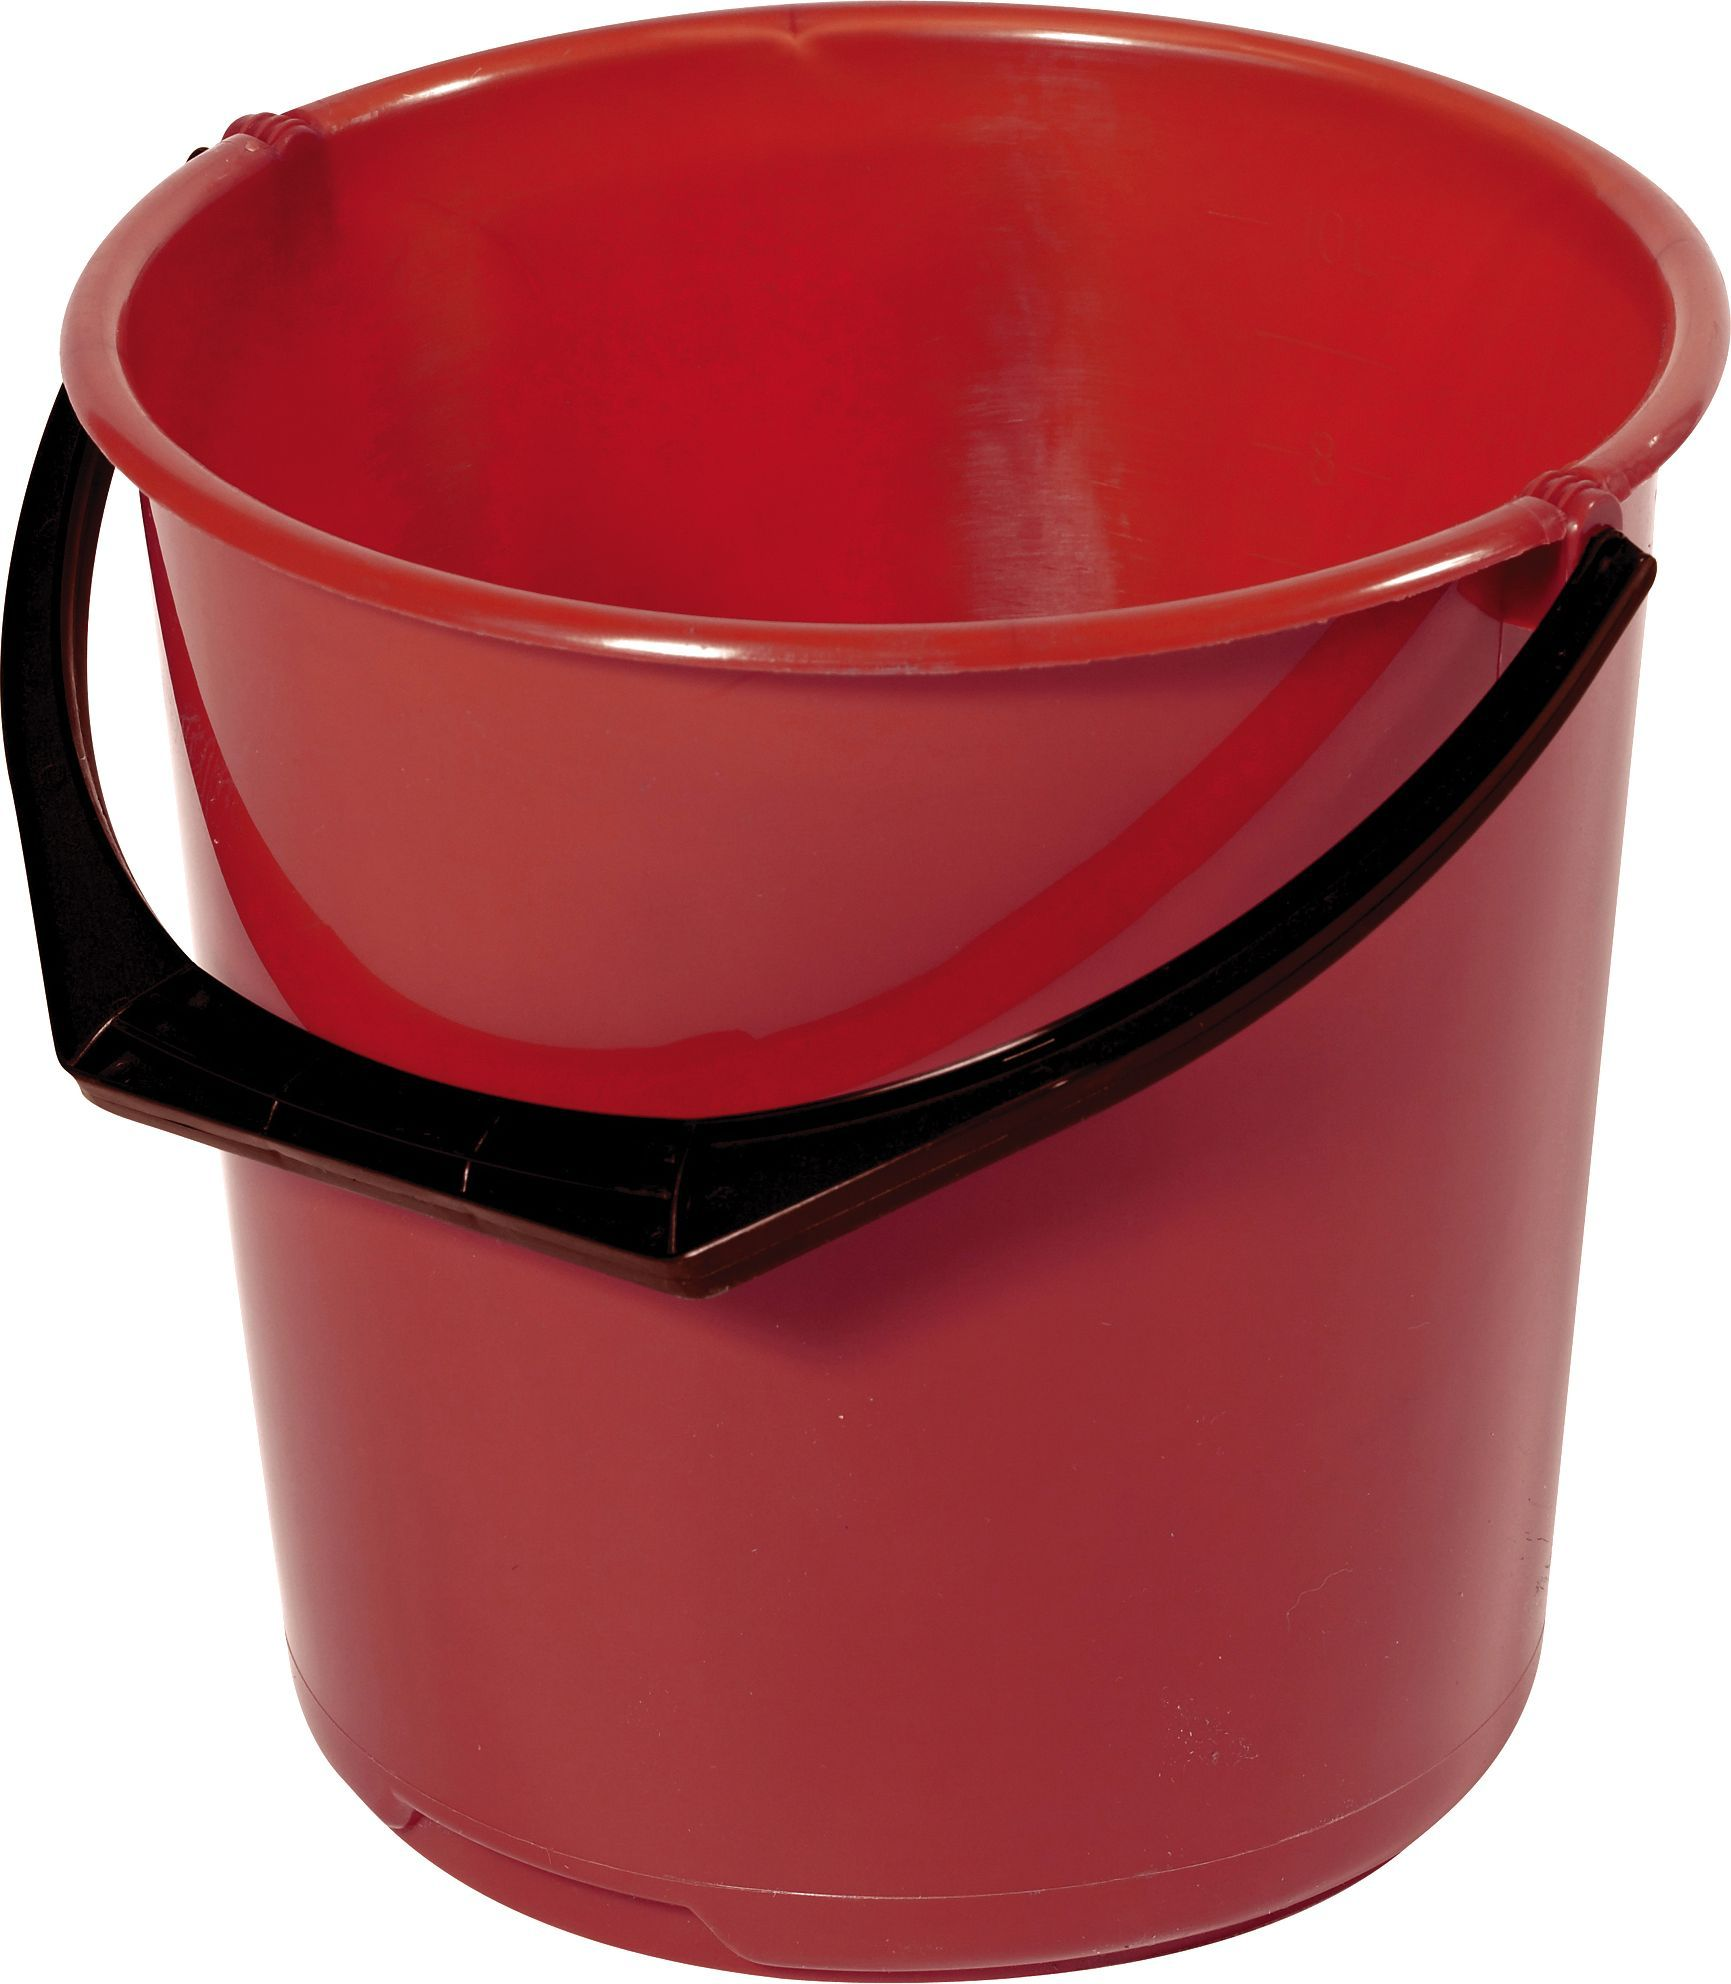 Bøtte plast 10L rød 11110300